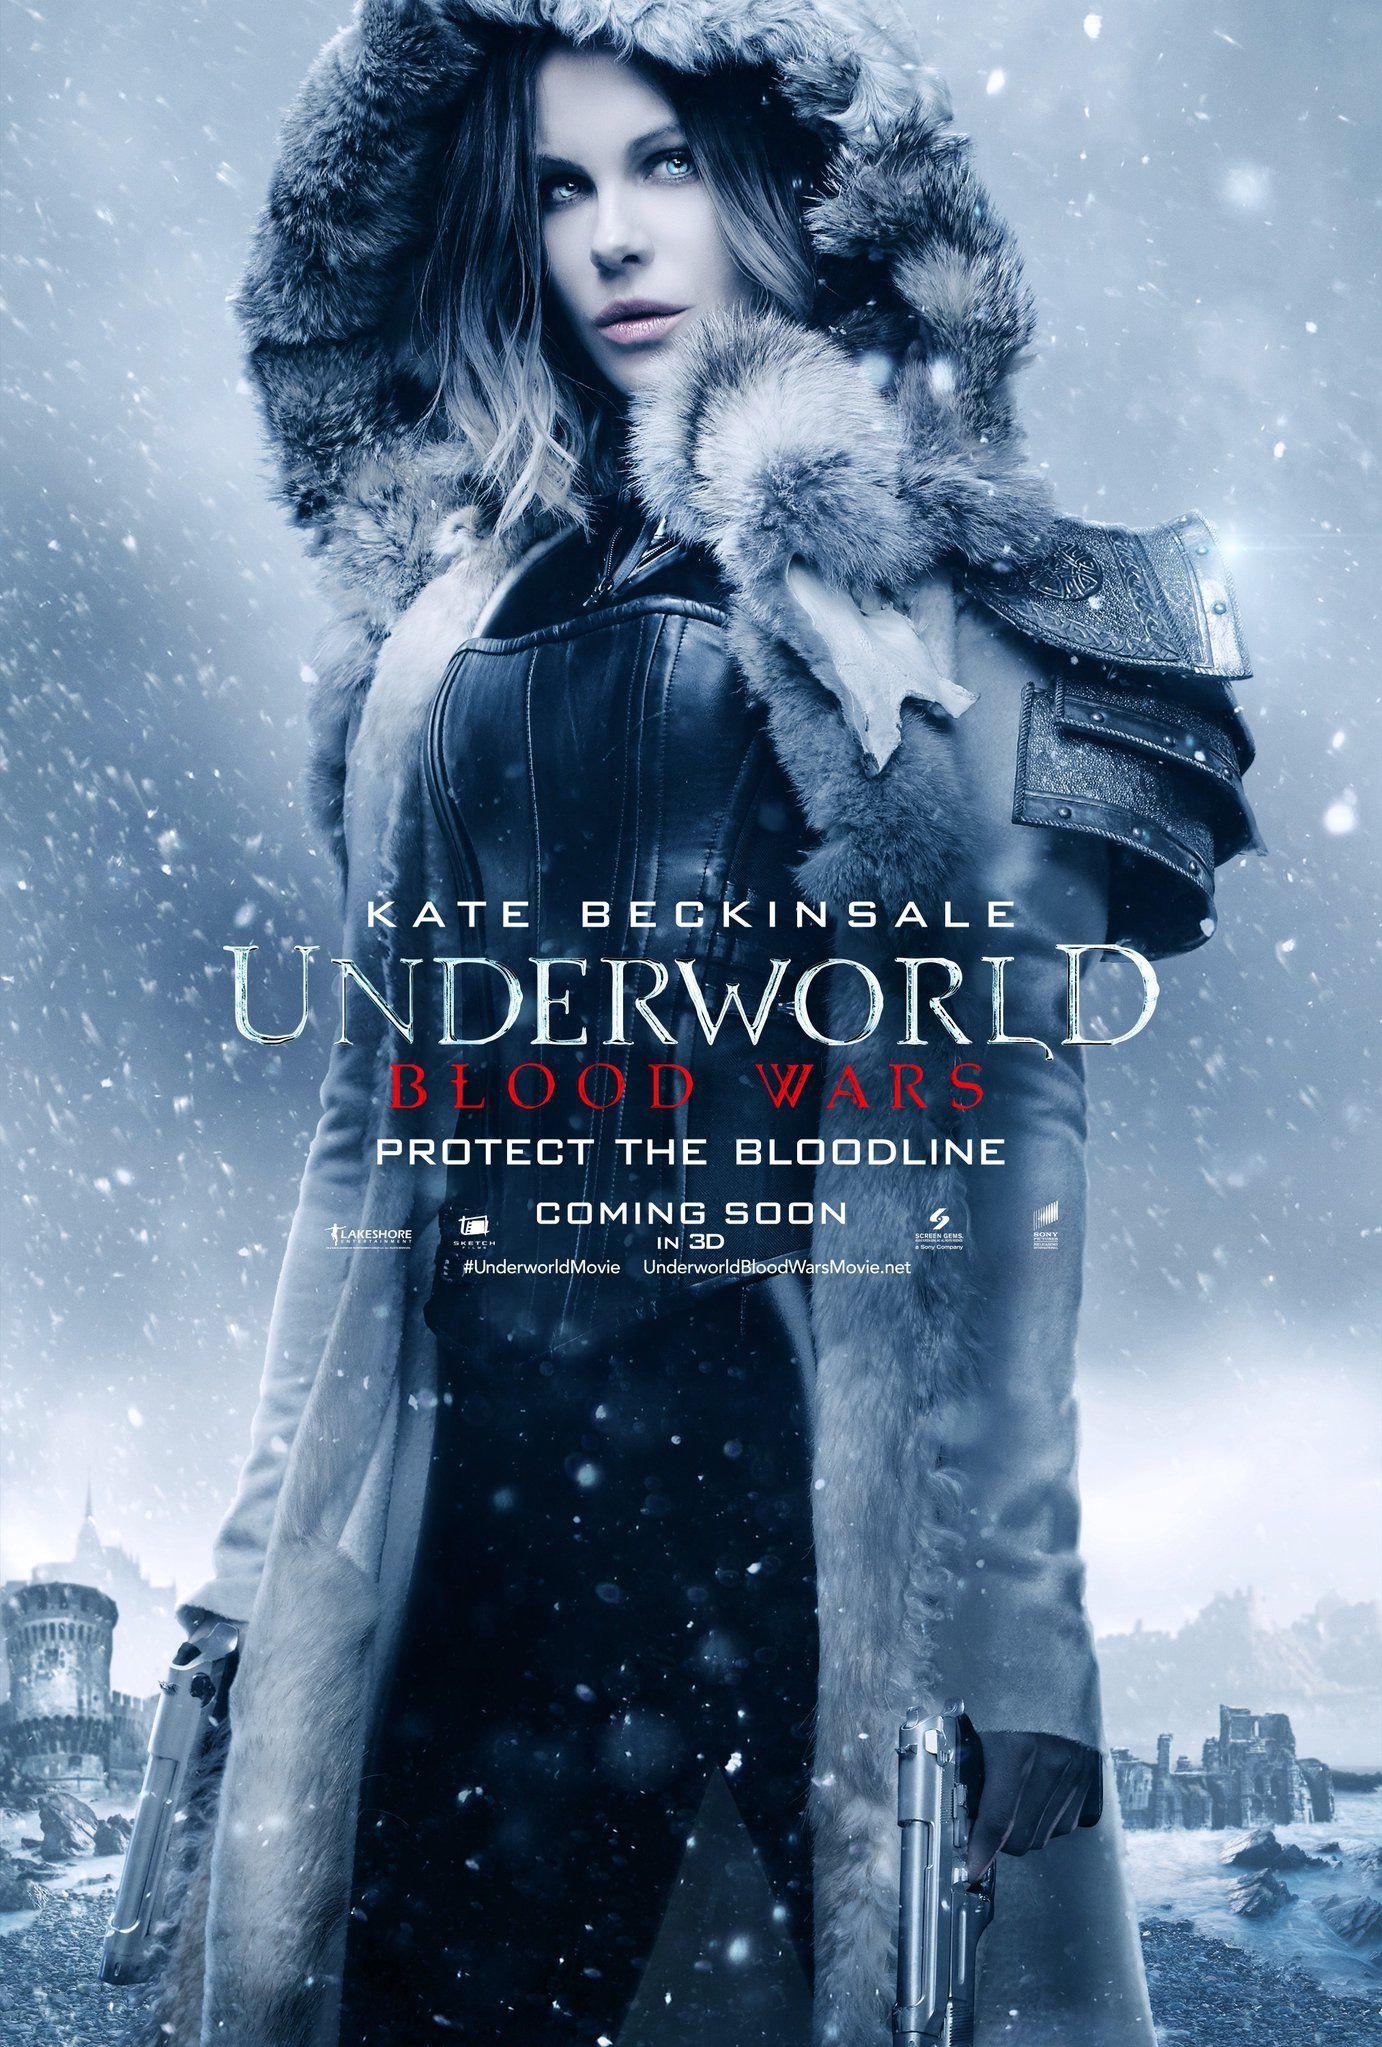 Underworld: Blood Wars: New Trailer | Collider